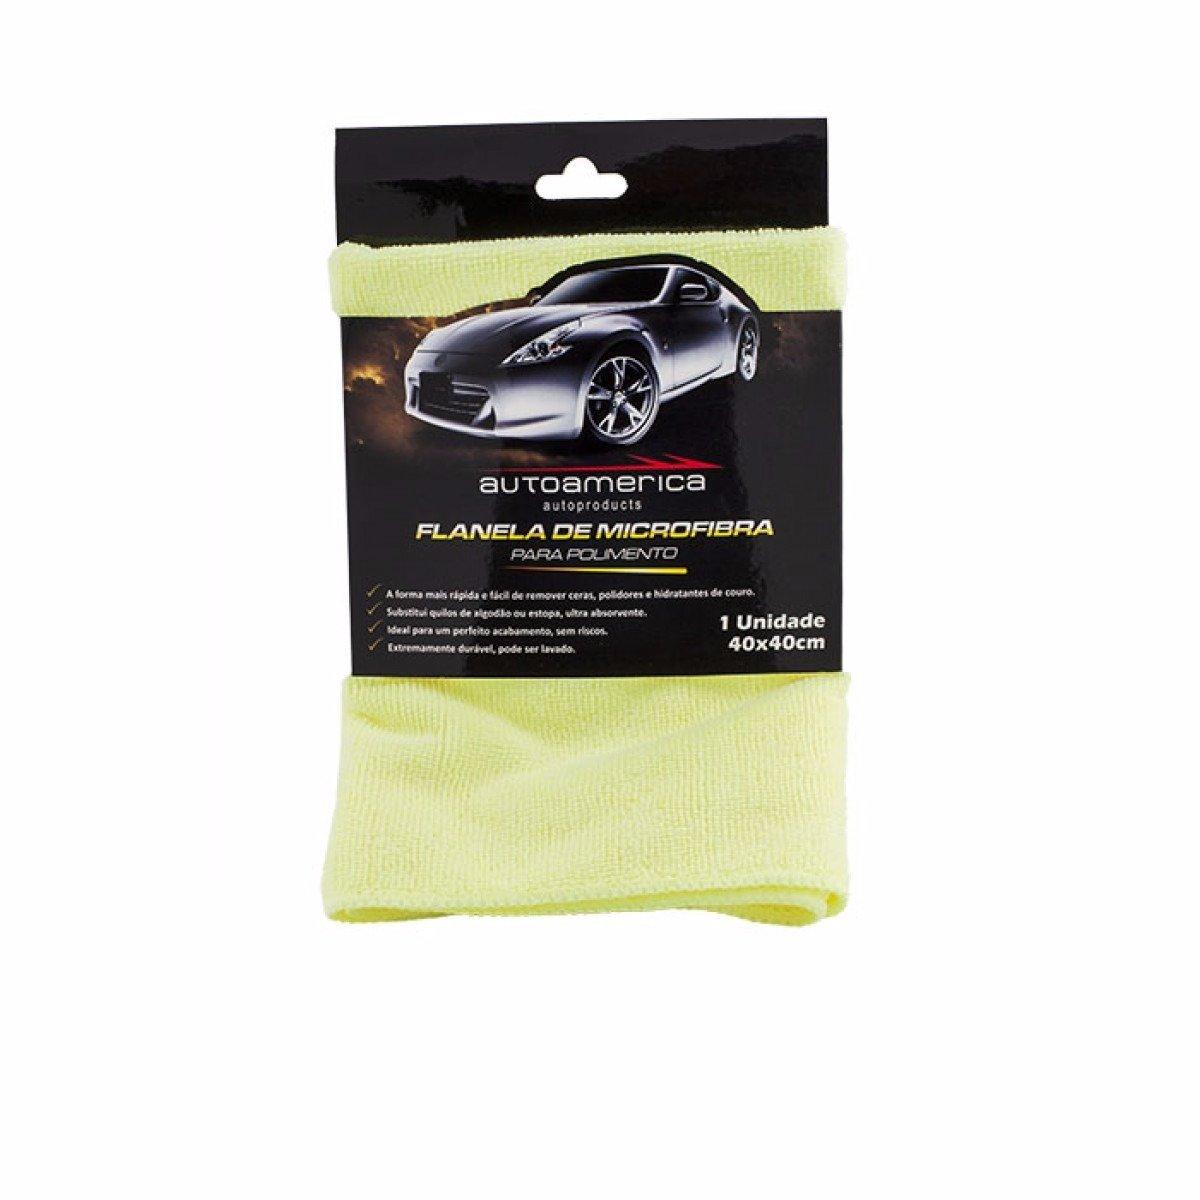 Kit de produtos para detalhamento automotivo